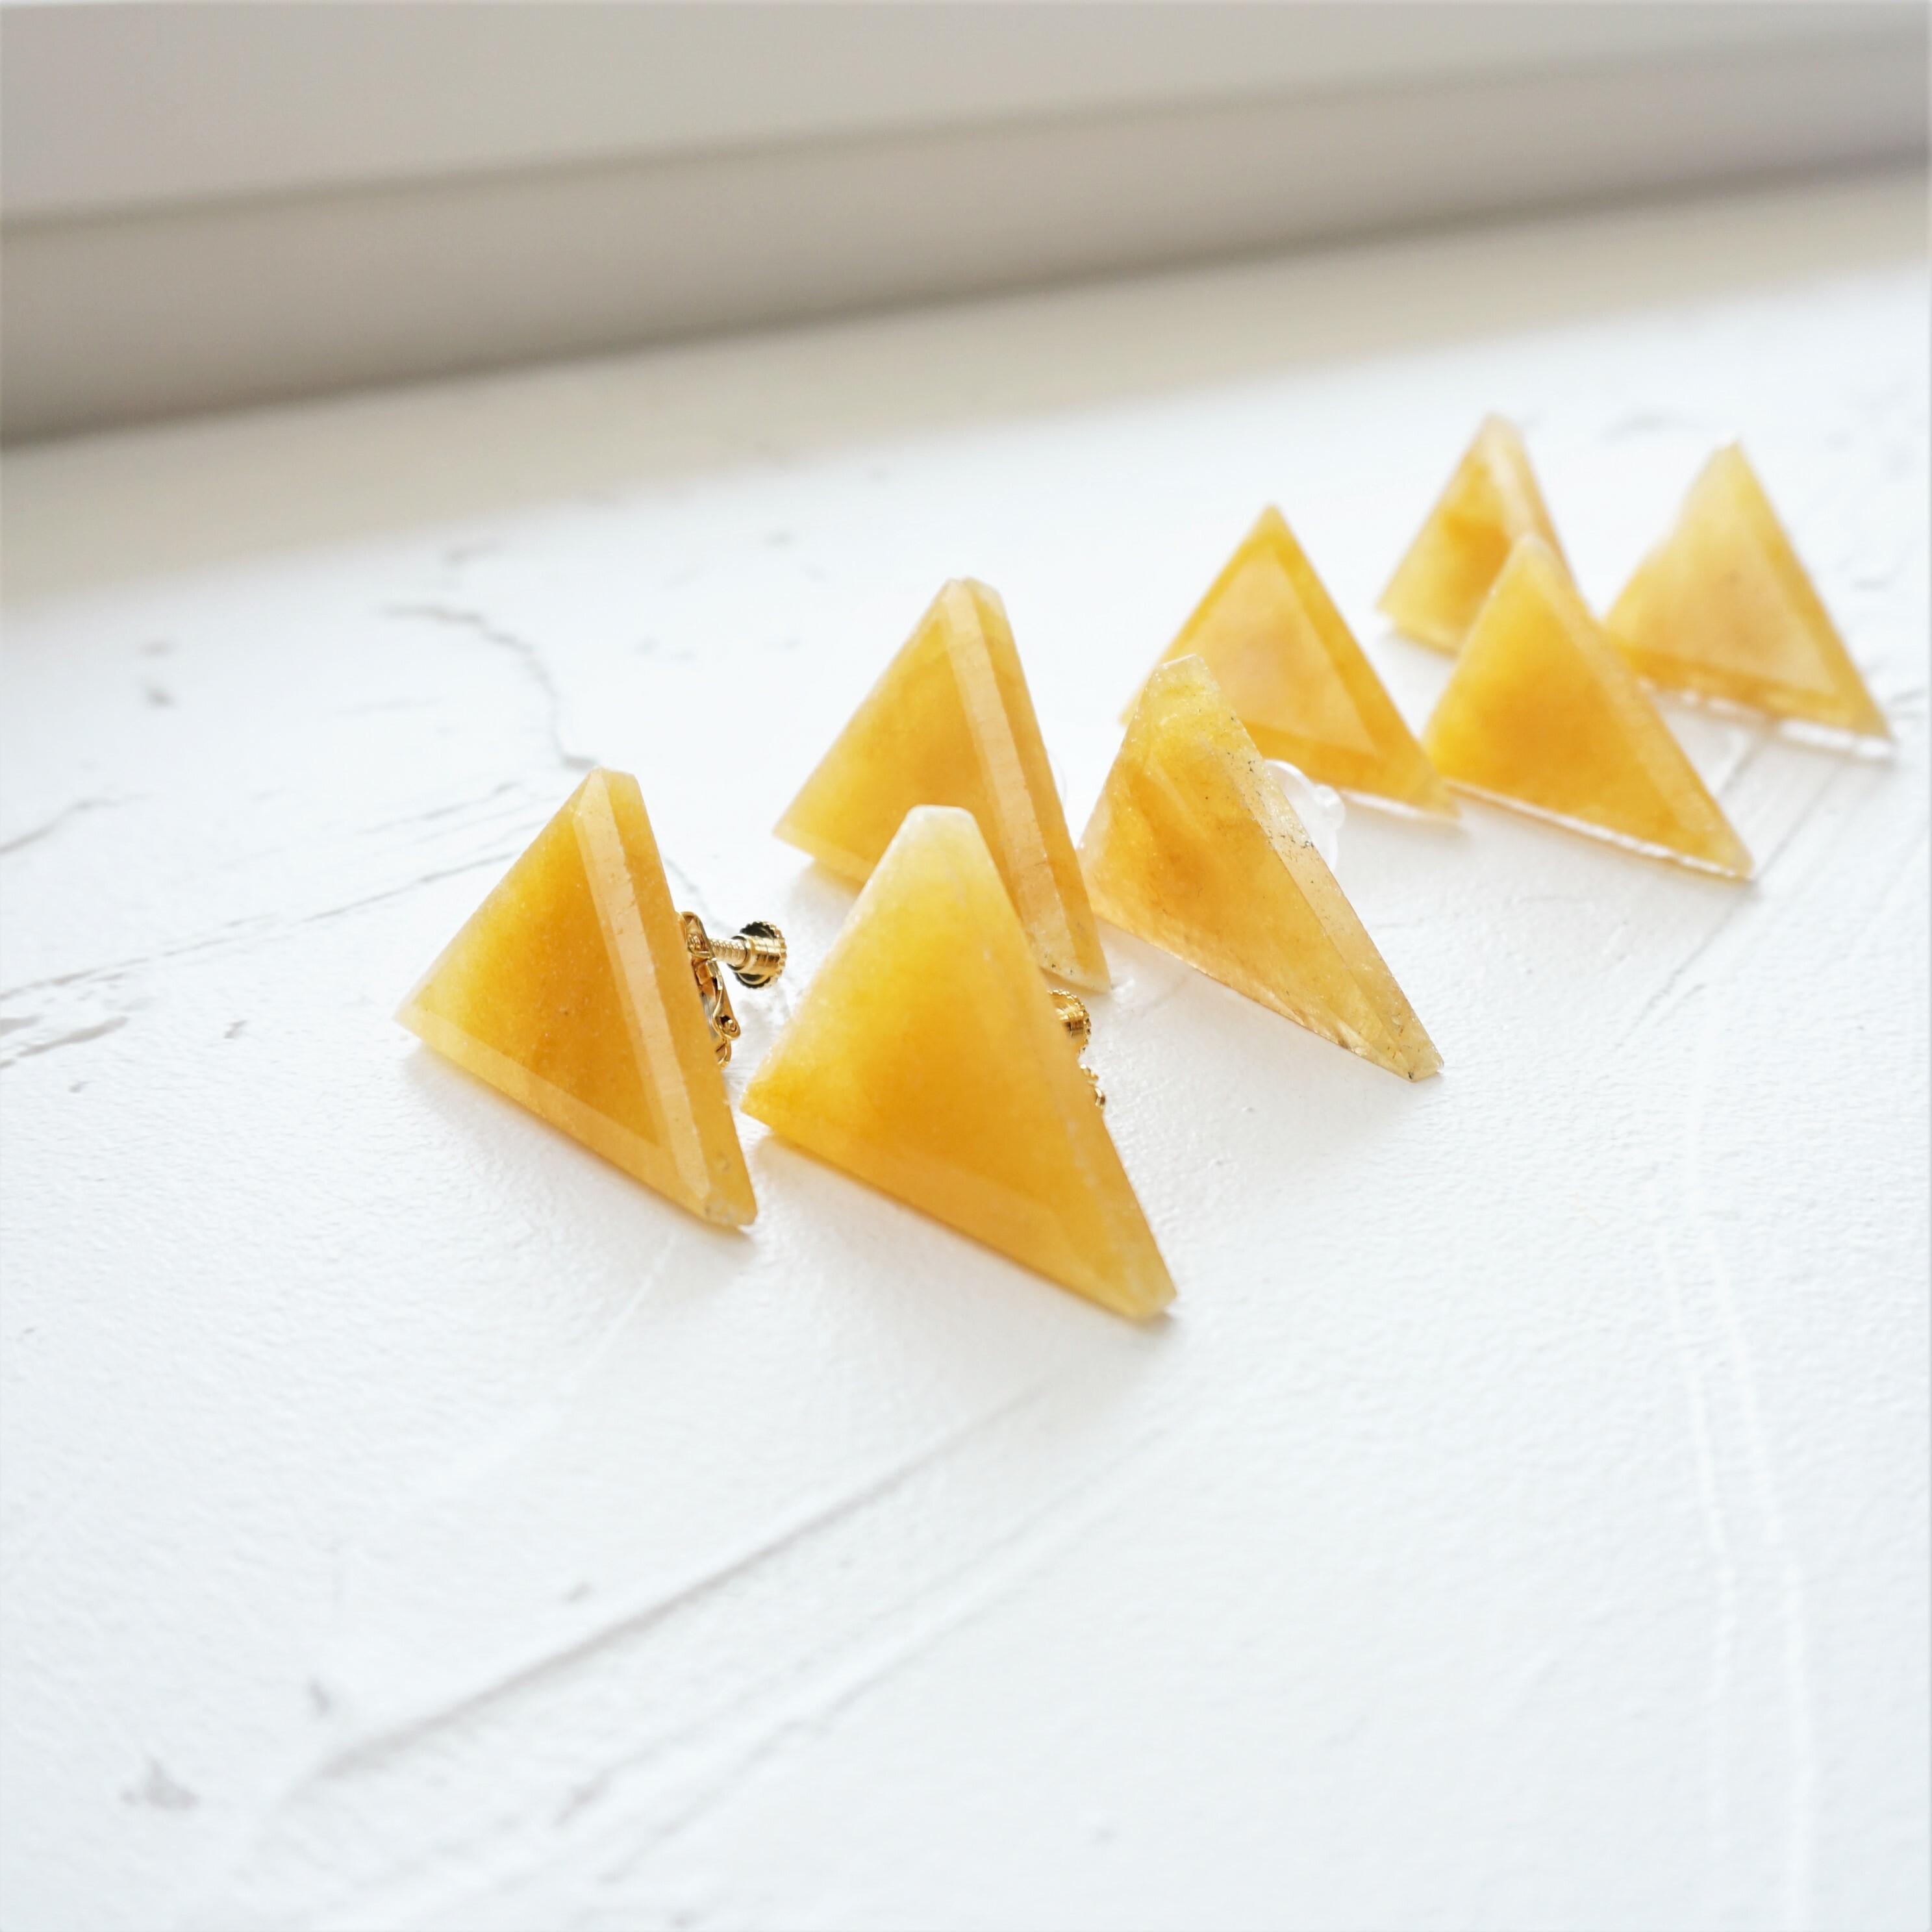 14kgf*Yellow Aventurine Triangle pierced earring / earring